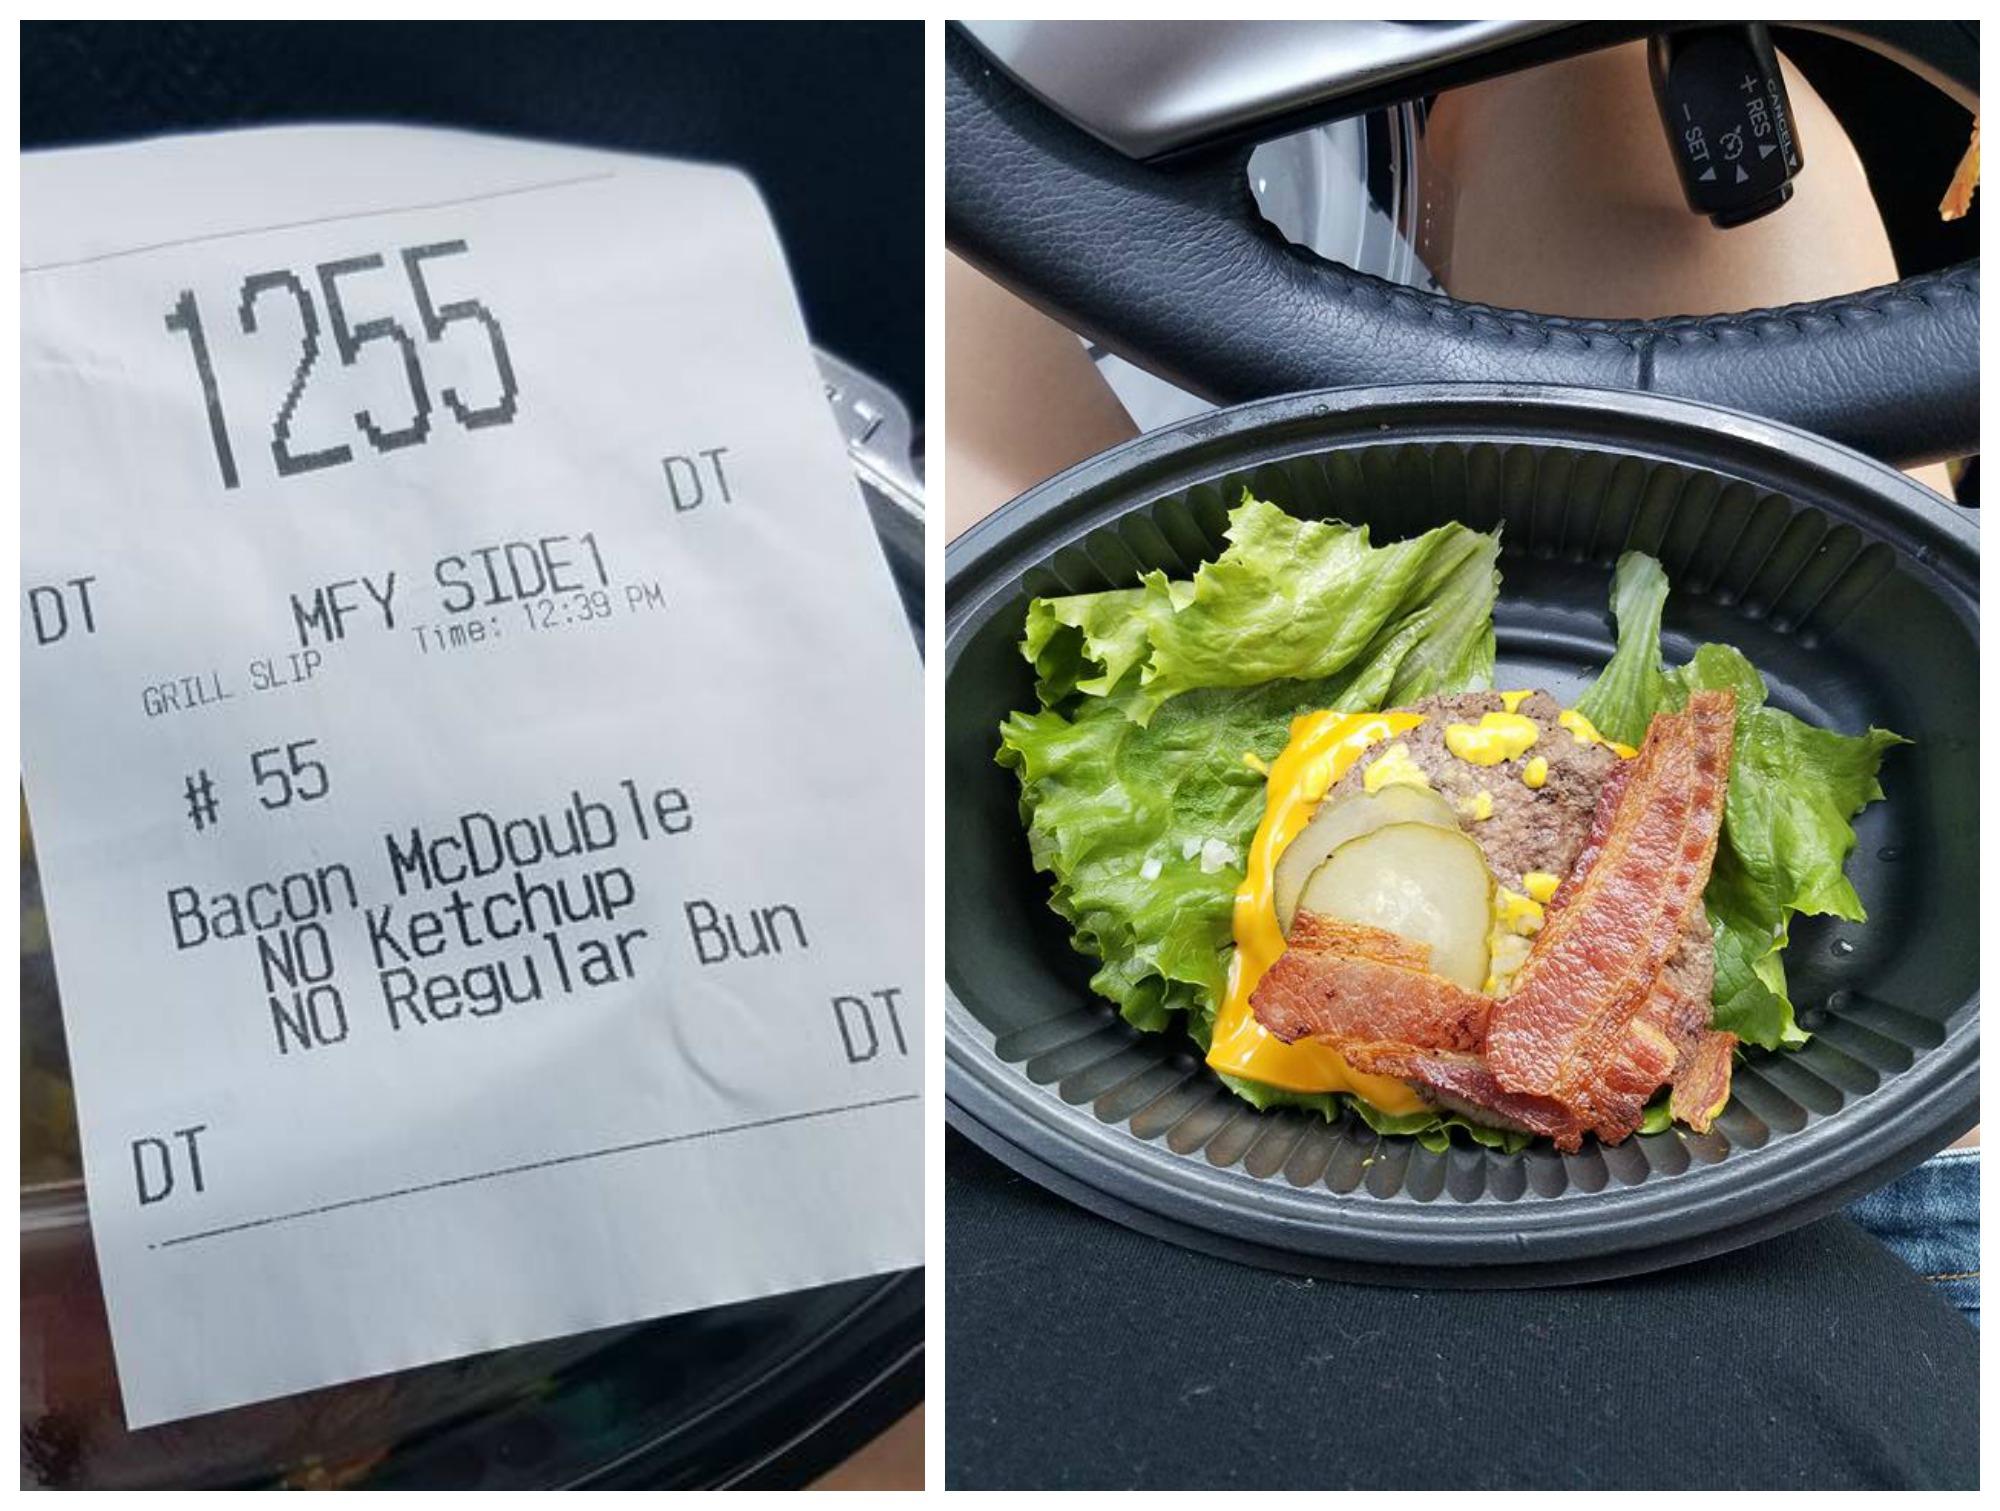 Five Guys Keto Burger and Hot Dog NO KETCHUP A